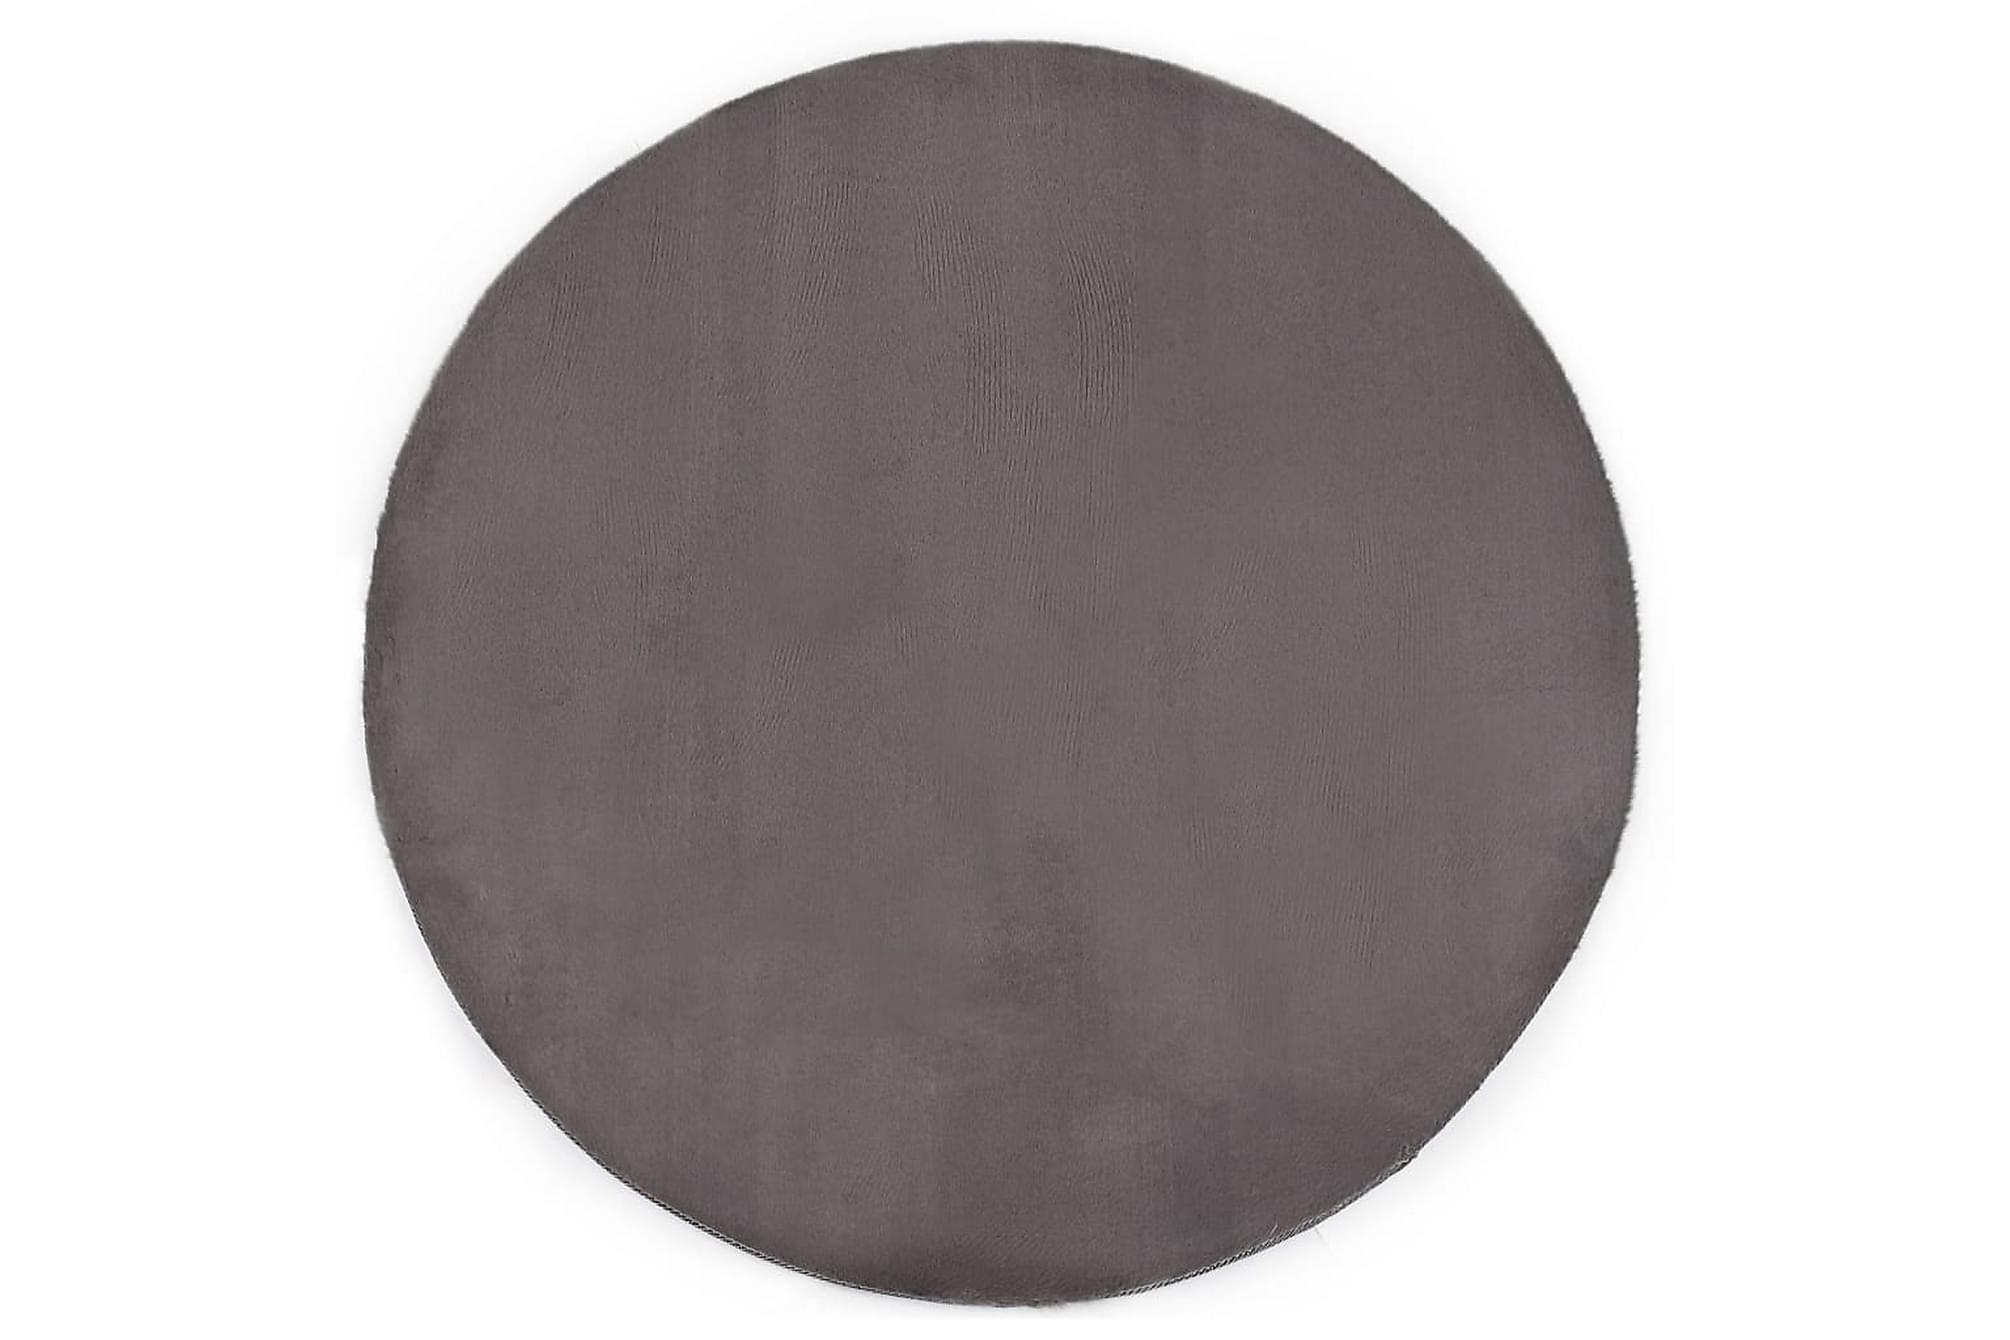 Matta 80 cm konstpäls mörkgrå